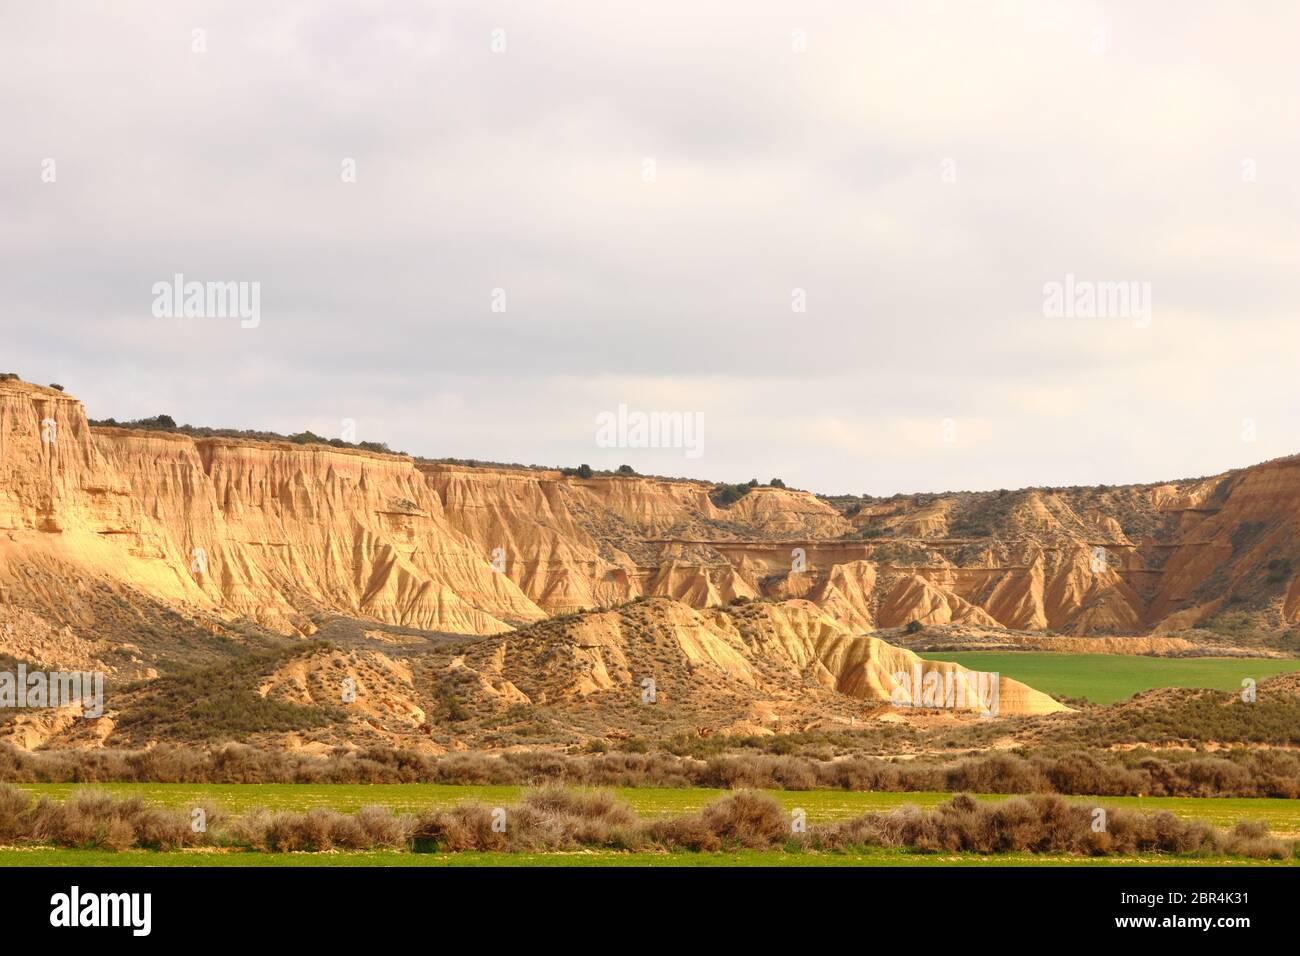 Sorprendentes formas terrestres y elementos erosionales en la región natural semidesértica Bardenas reales, Reserva de la Biosfera de la UNESCO, Navarra, España Foto de stock